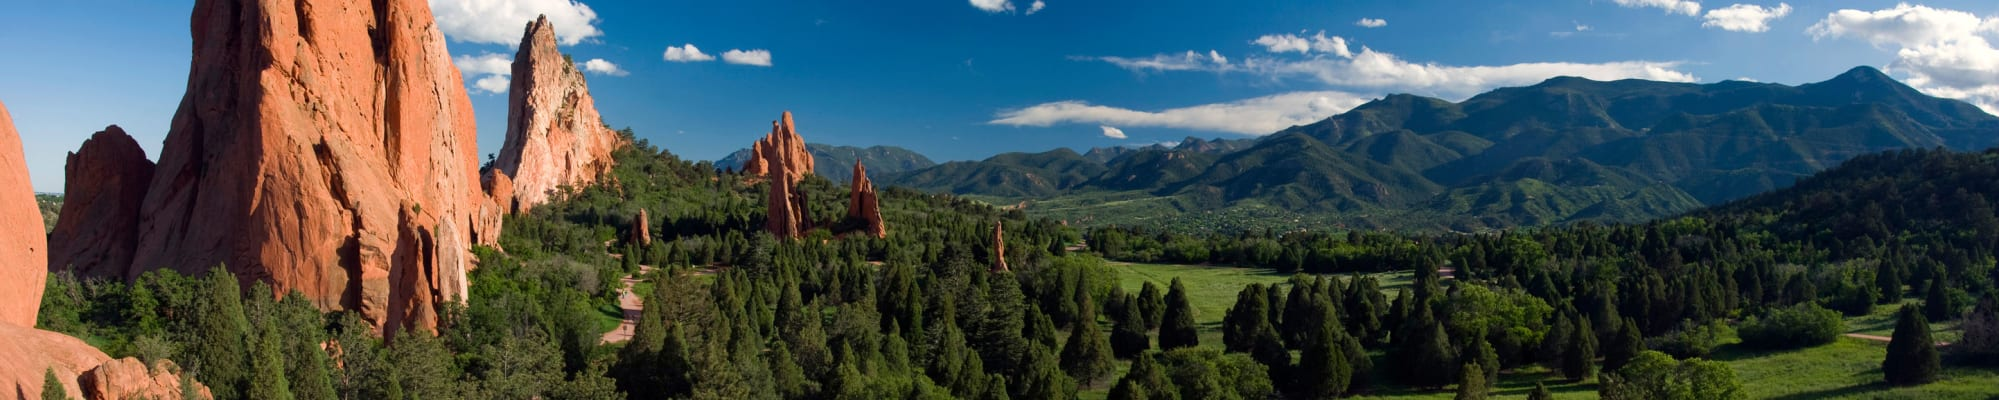 Apply to Enchanted Springs Apartments in Colorado Springs, Colorado